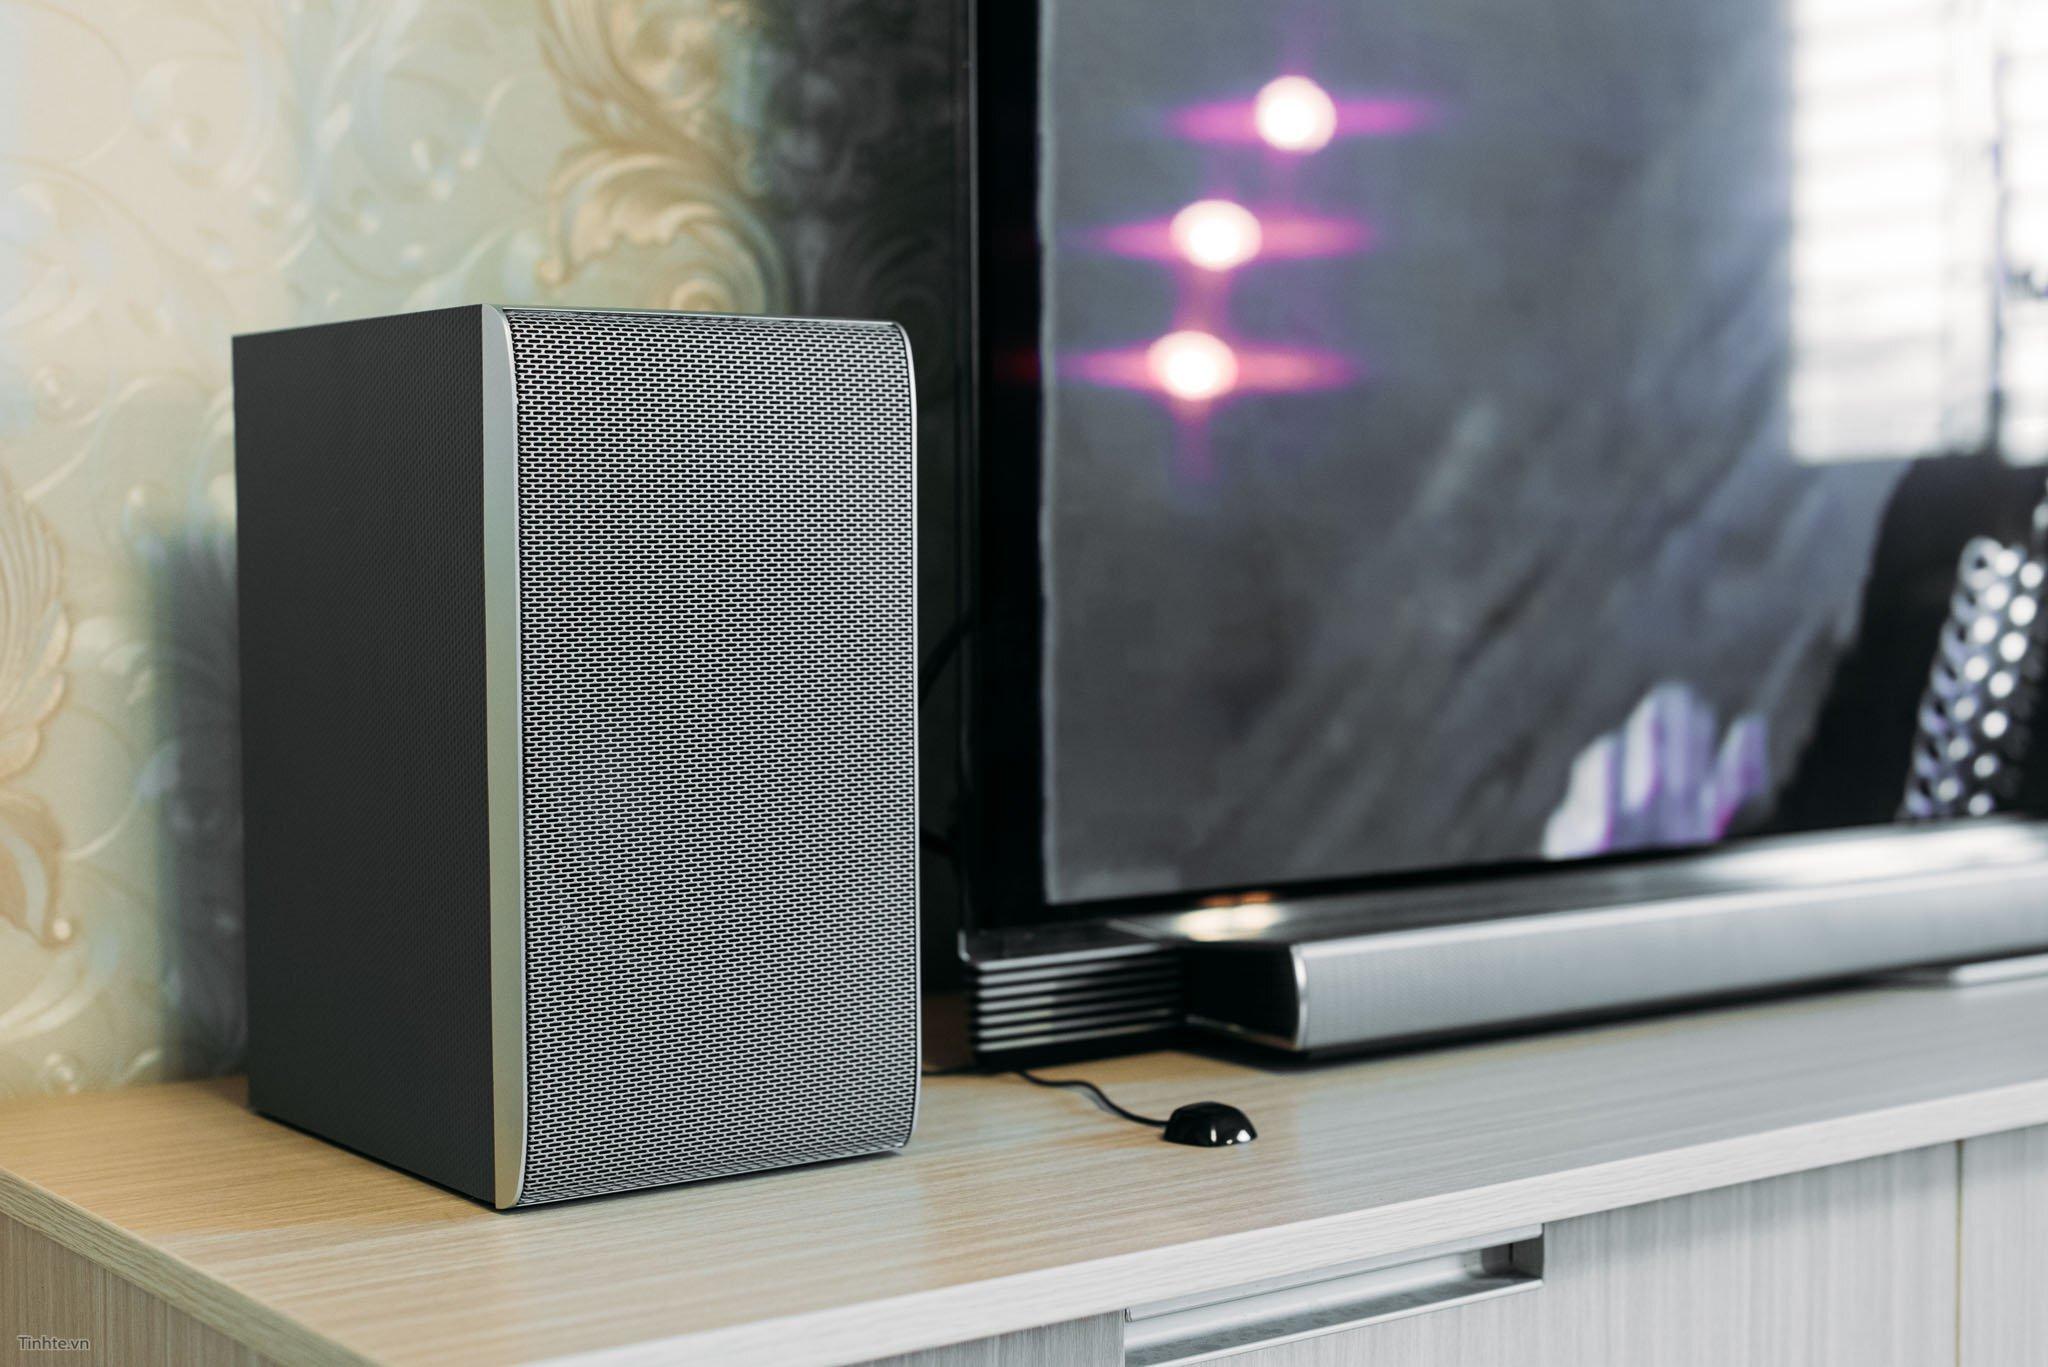 Loa Soundbar 4.1Ch LG SJ4R một thiết bị âm thanh tuyệt vời